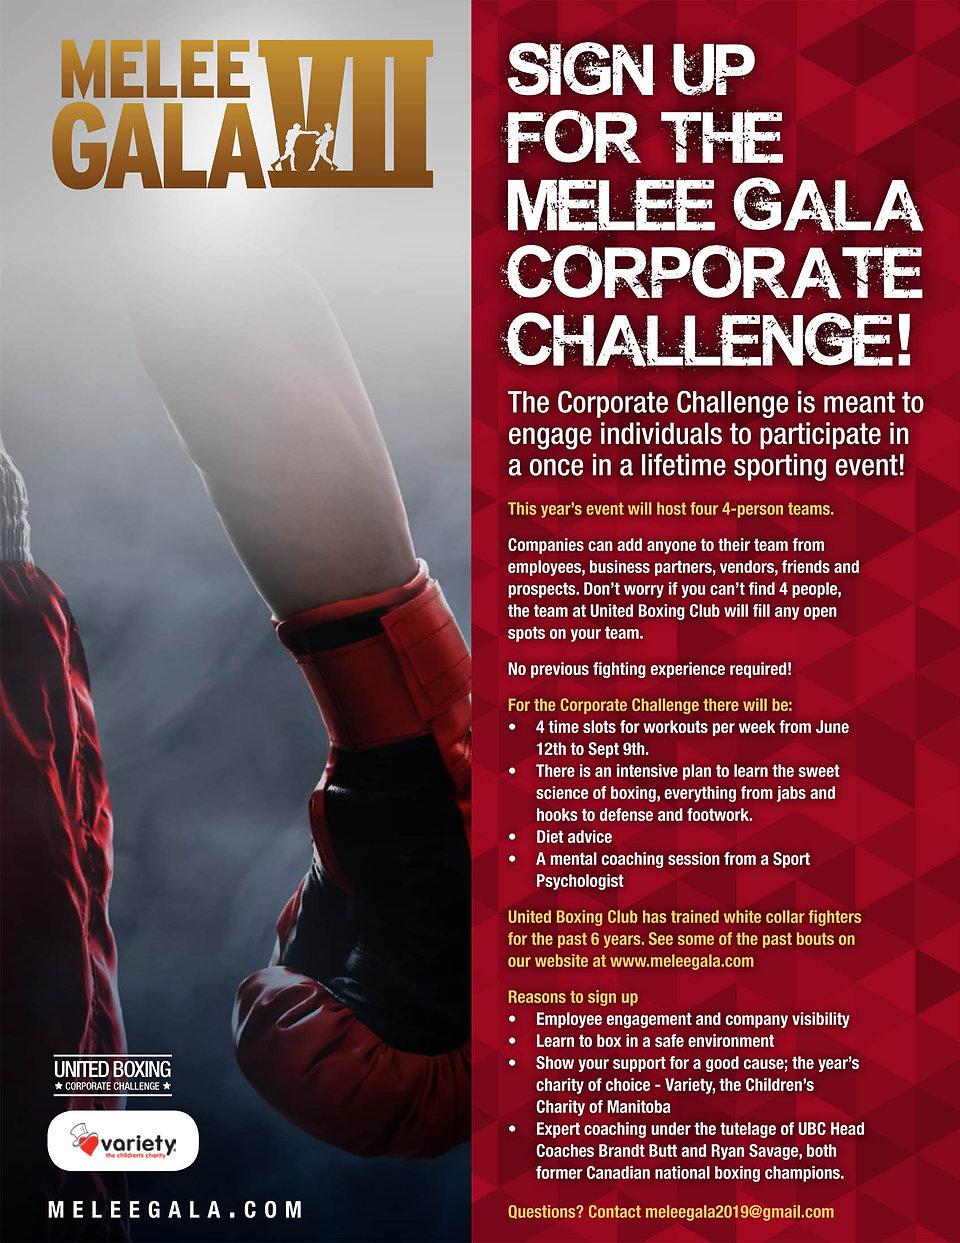 Melee_VII_Corporate_Challenge.jpg